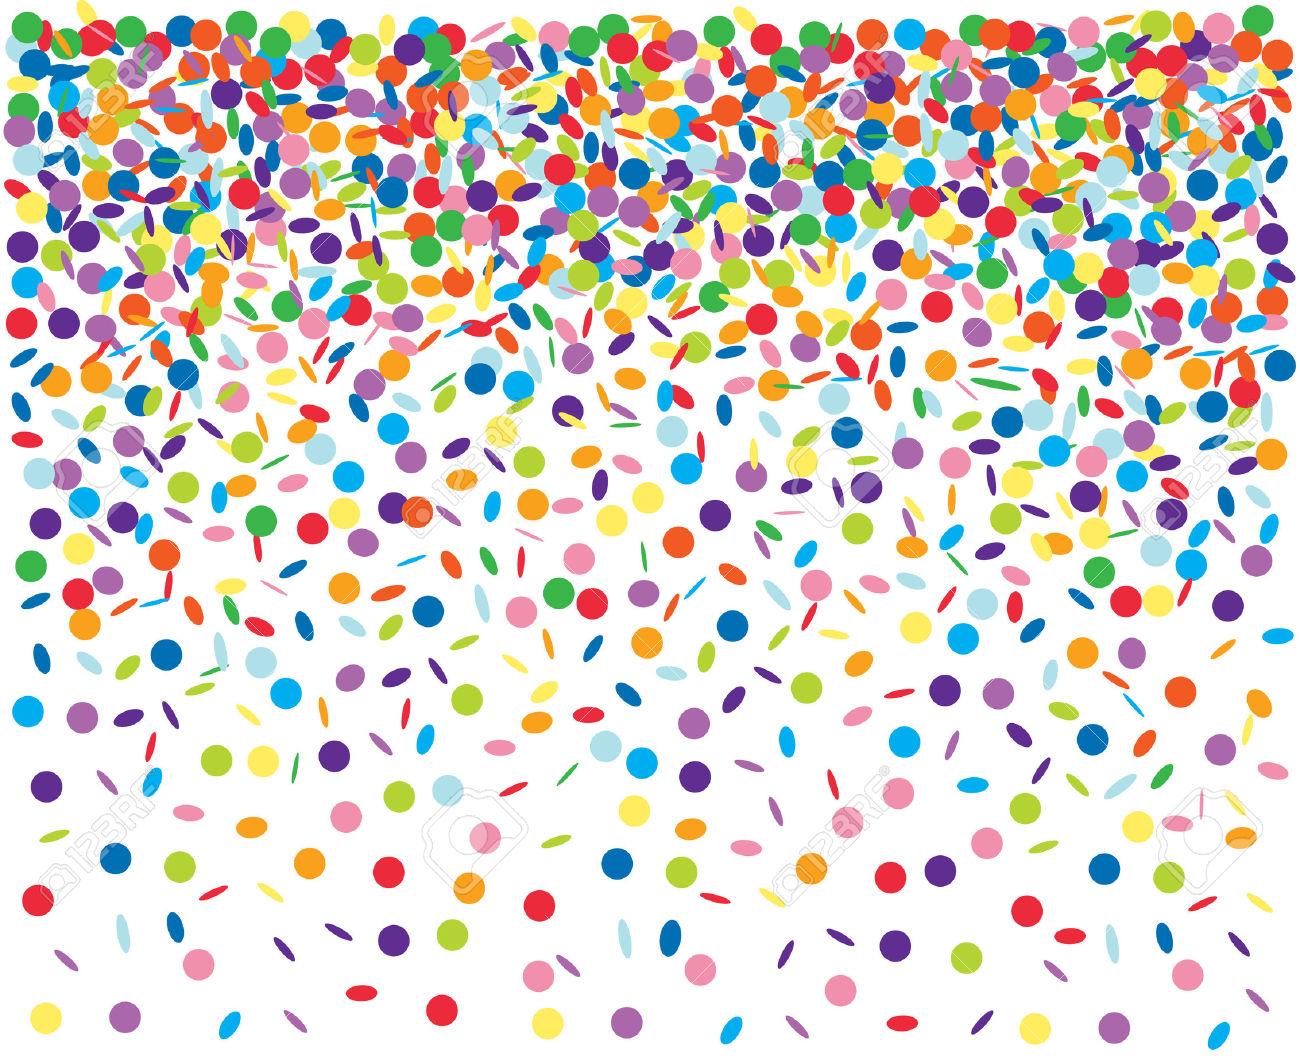 Free Confetti Cliparts Background, Download Free Clip Art, Free Clip.